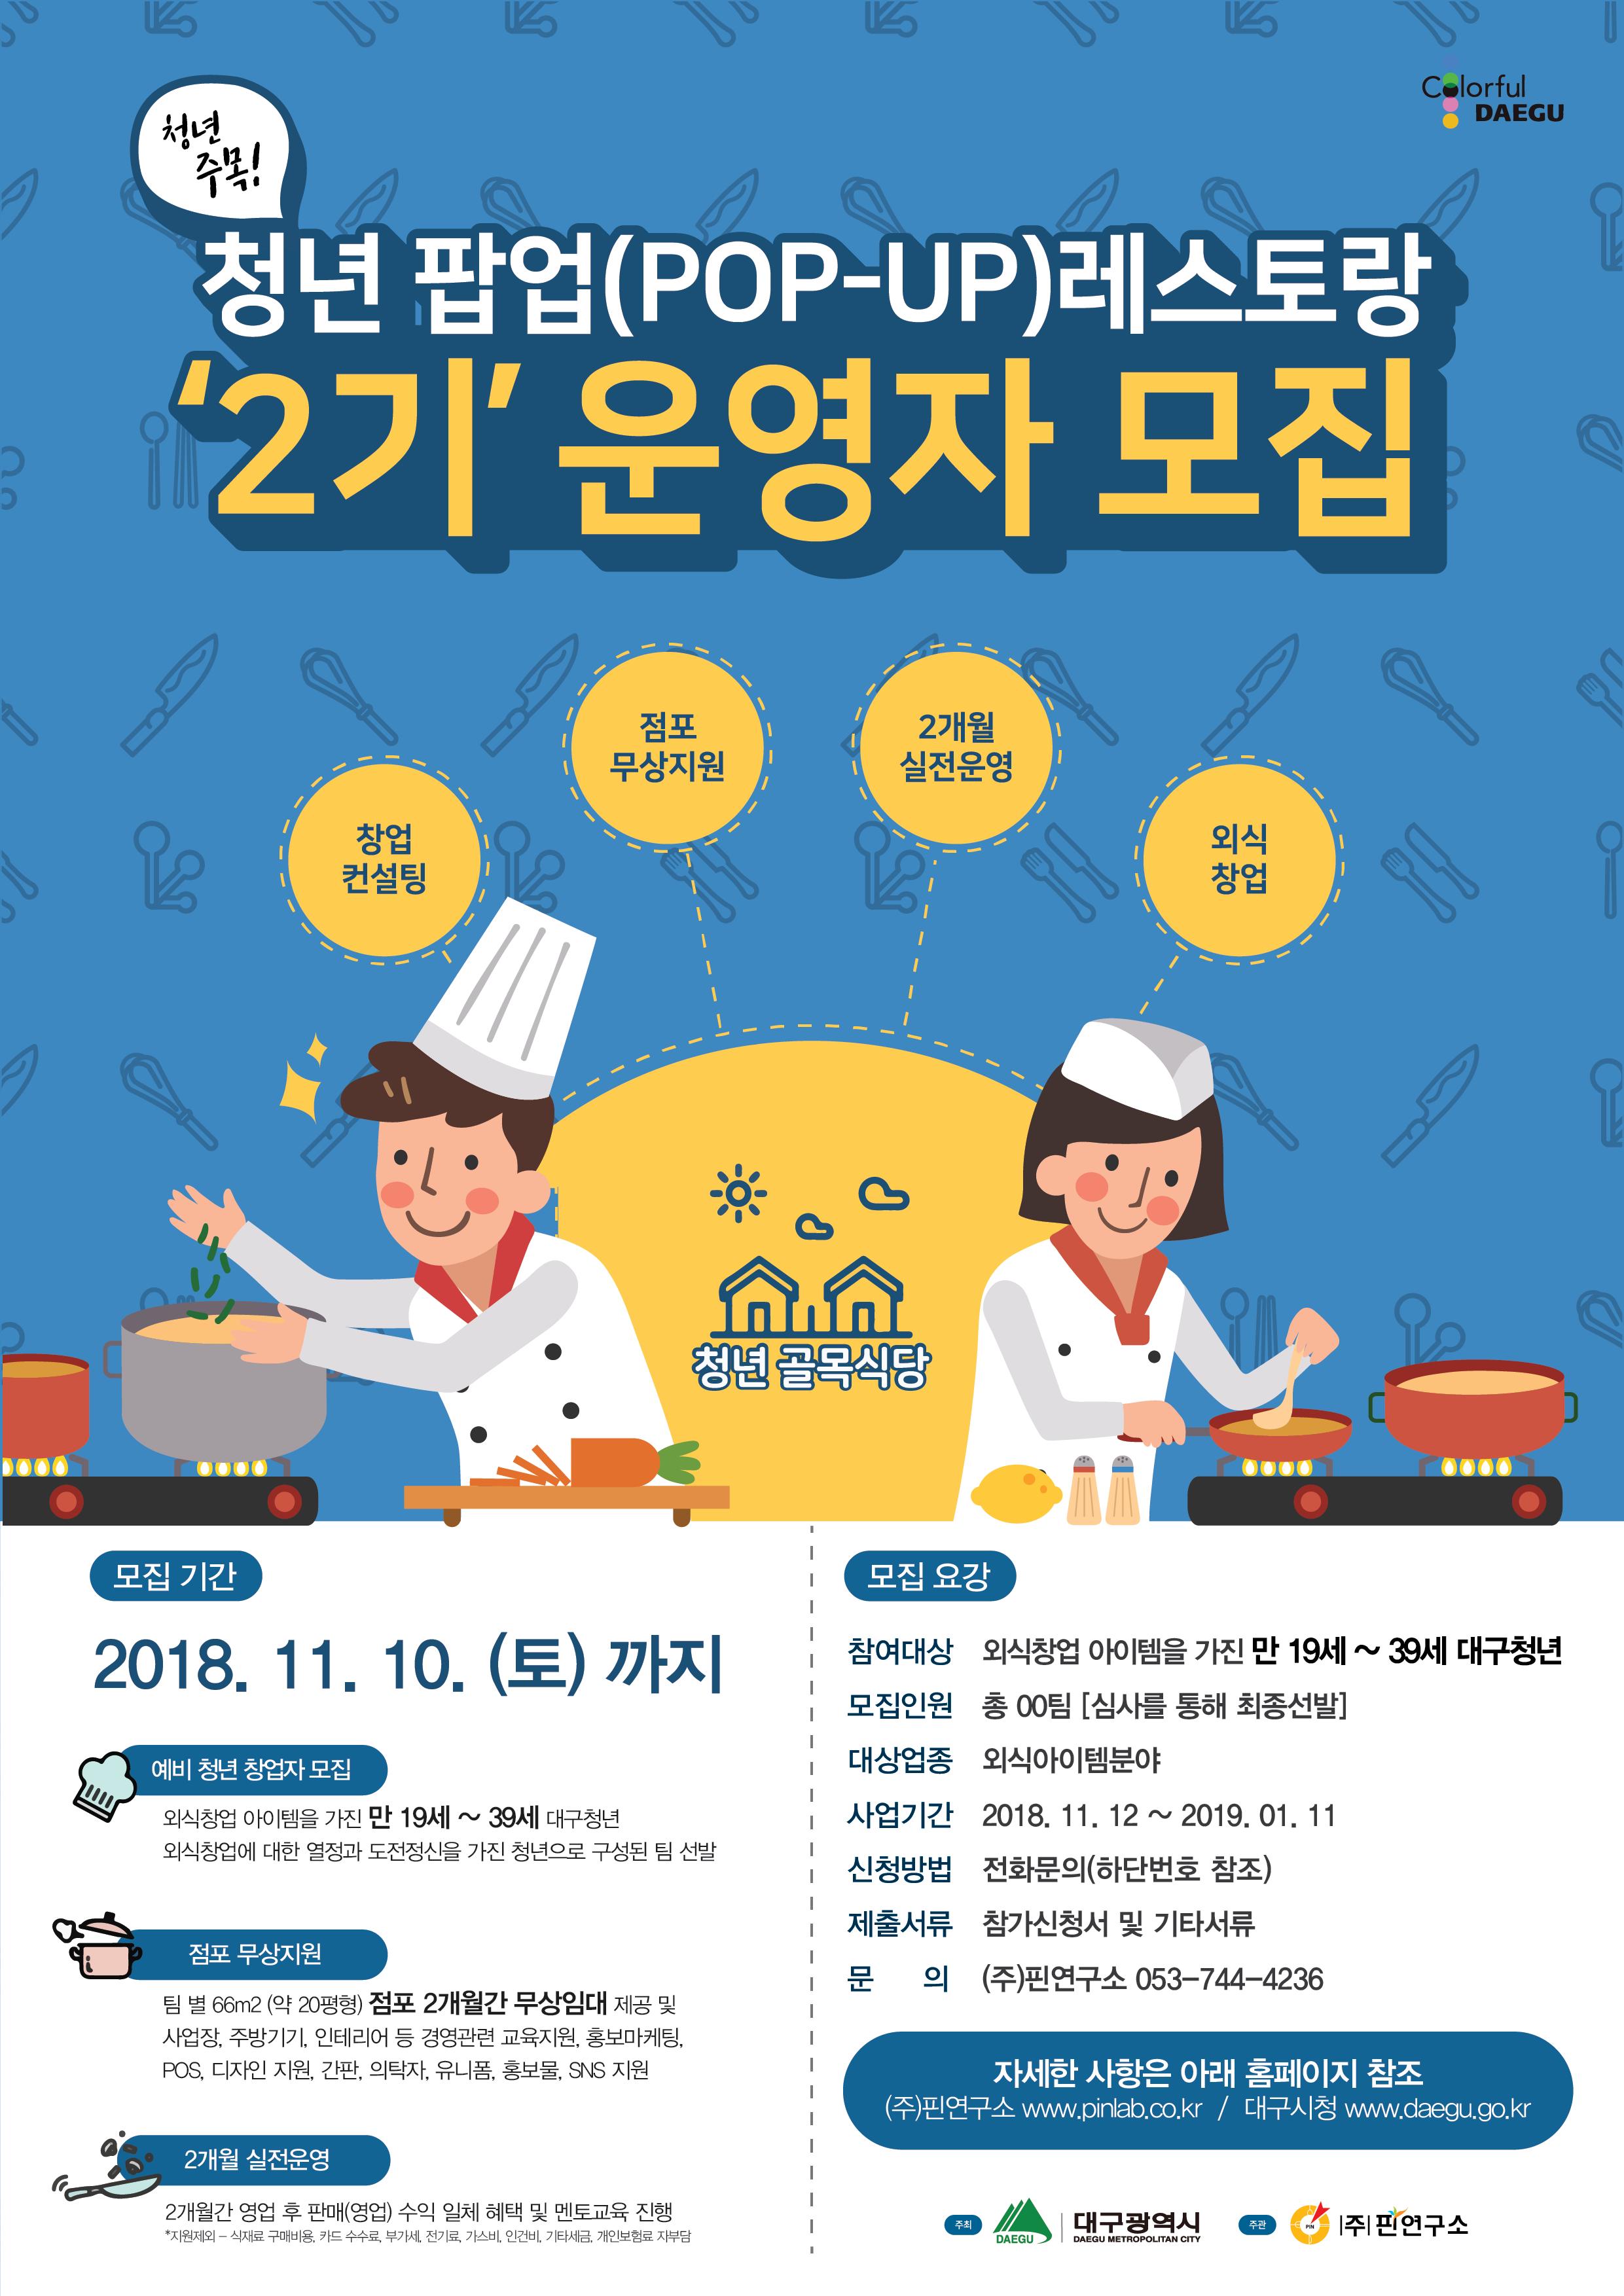 청년팝업 2기 운영자 모집대지 1 사본@300x.png